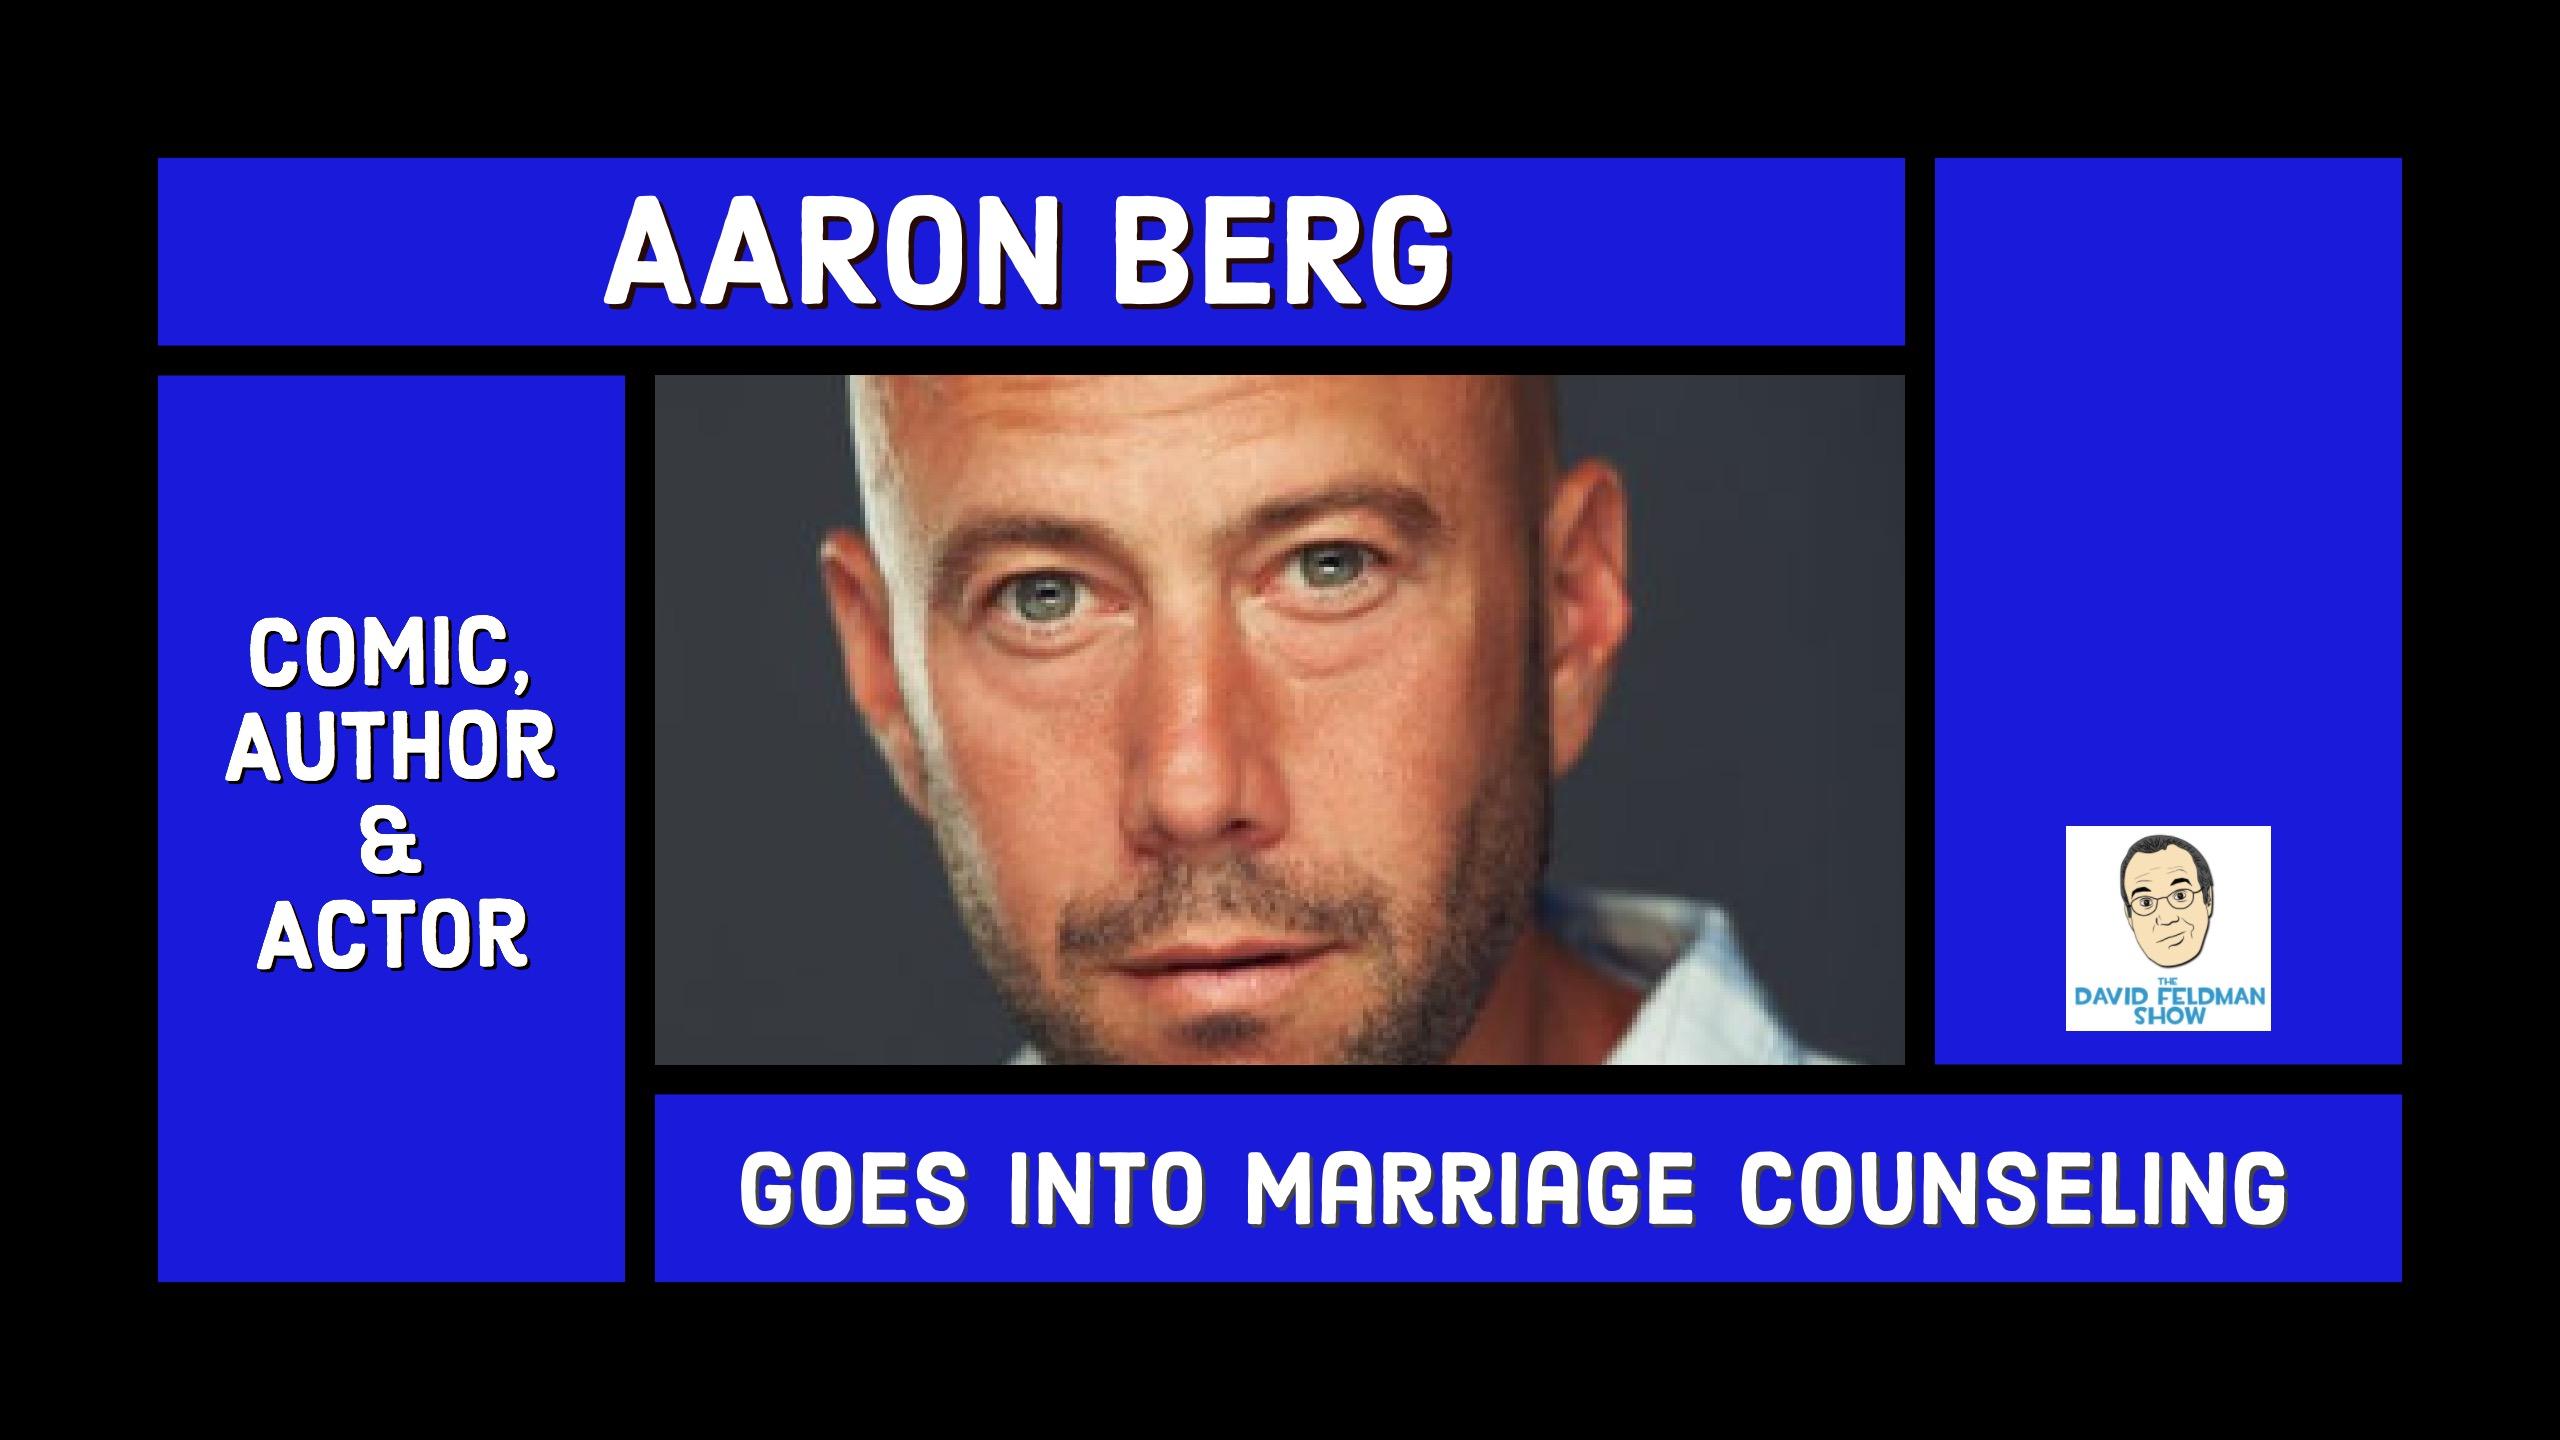 Aaron Berg Comedian